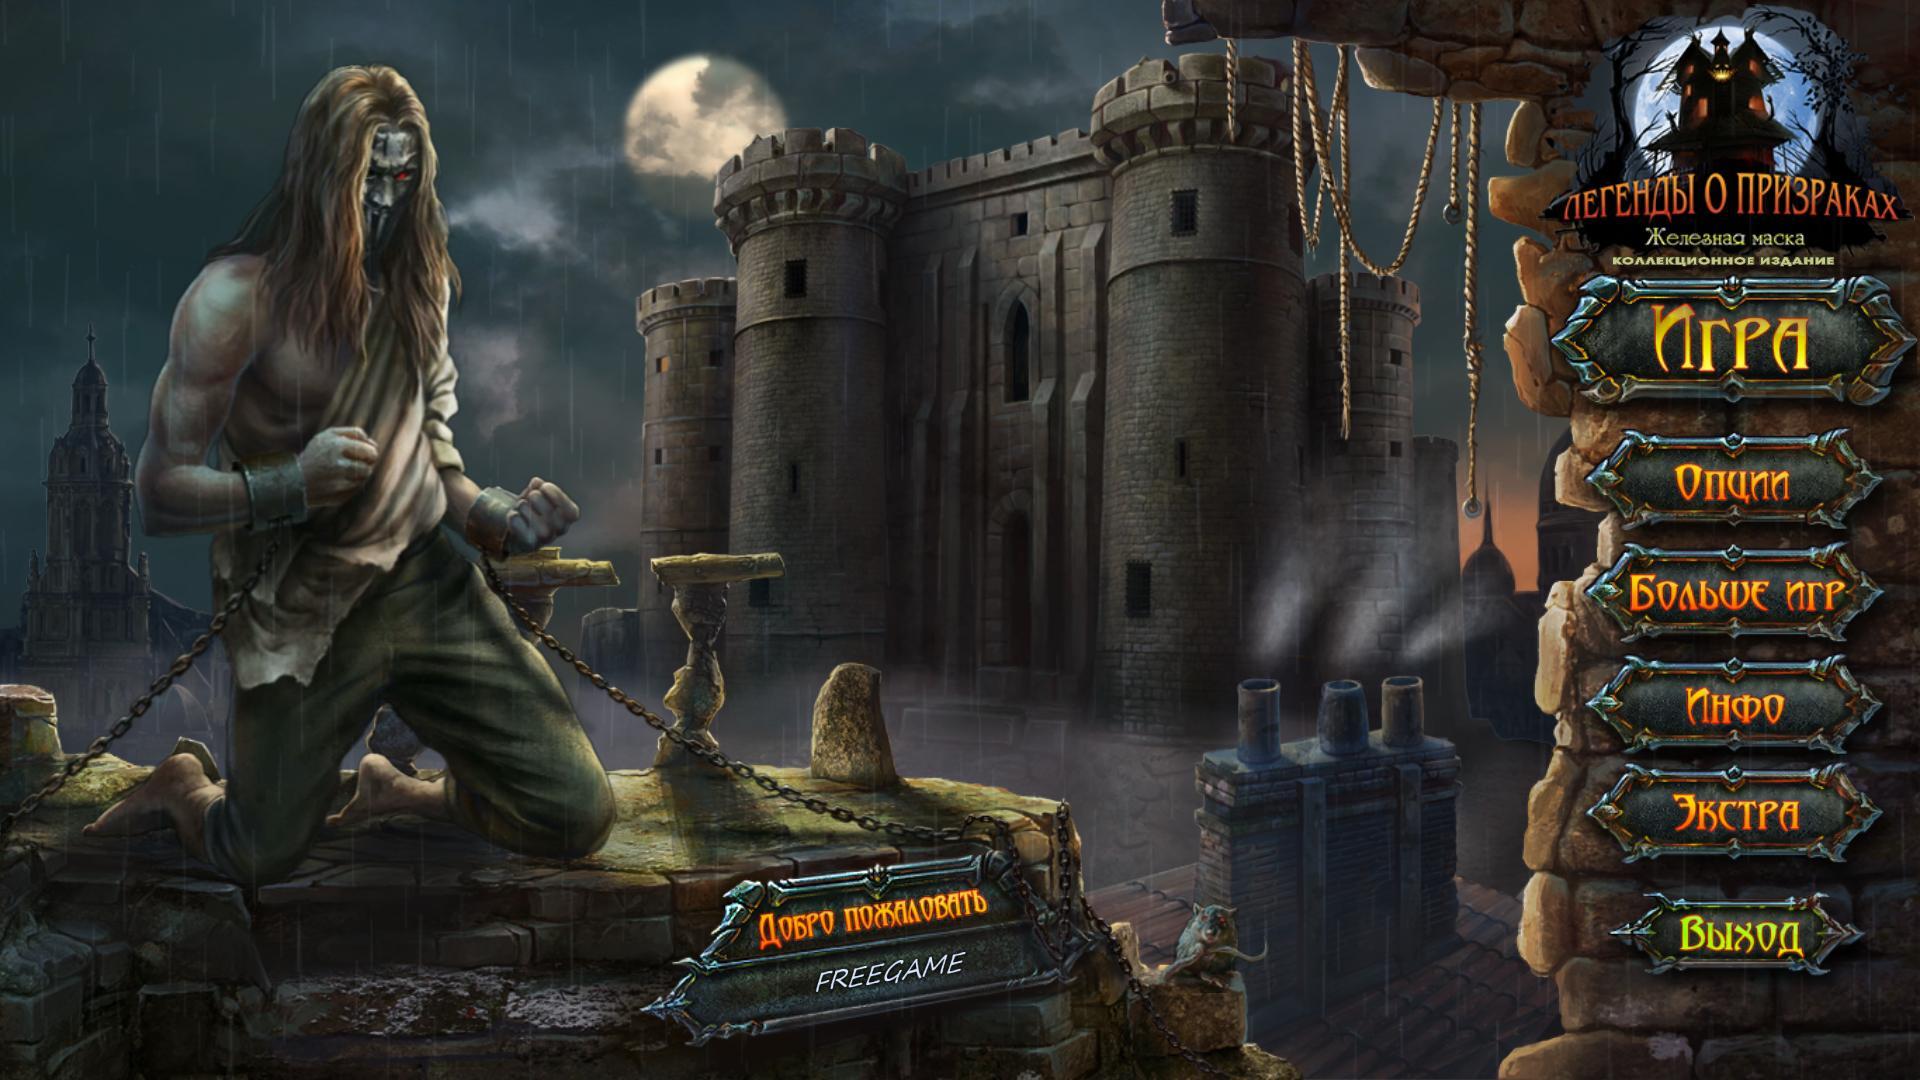 Легенды о призраках 8: Железная маска. Коллекционное издание | Haunted Legends 8: The Iron Mask CE (Rus)